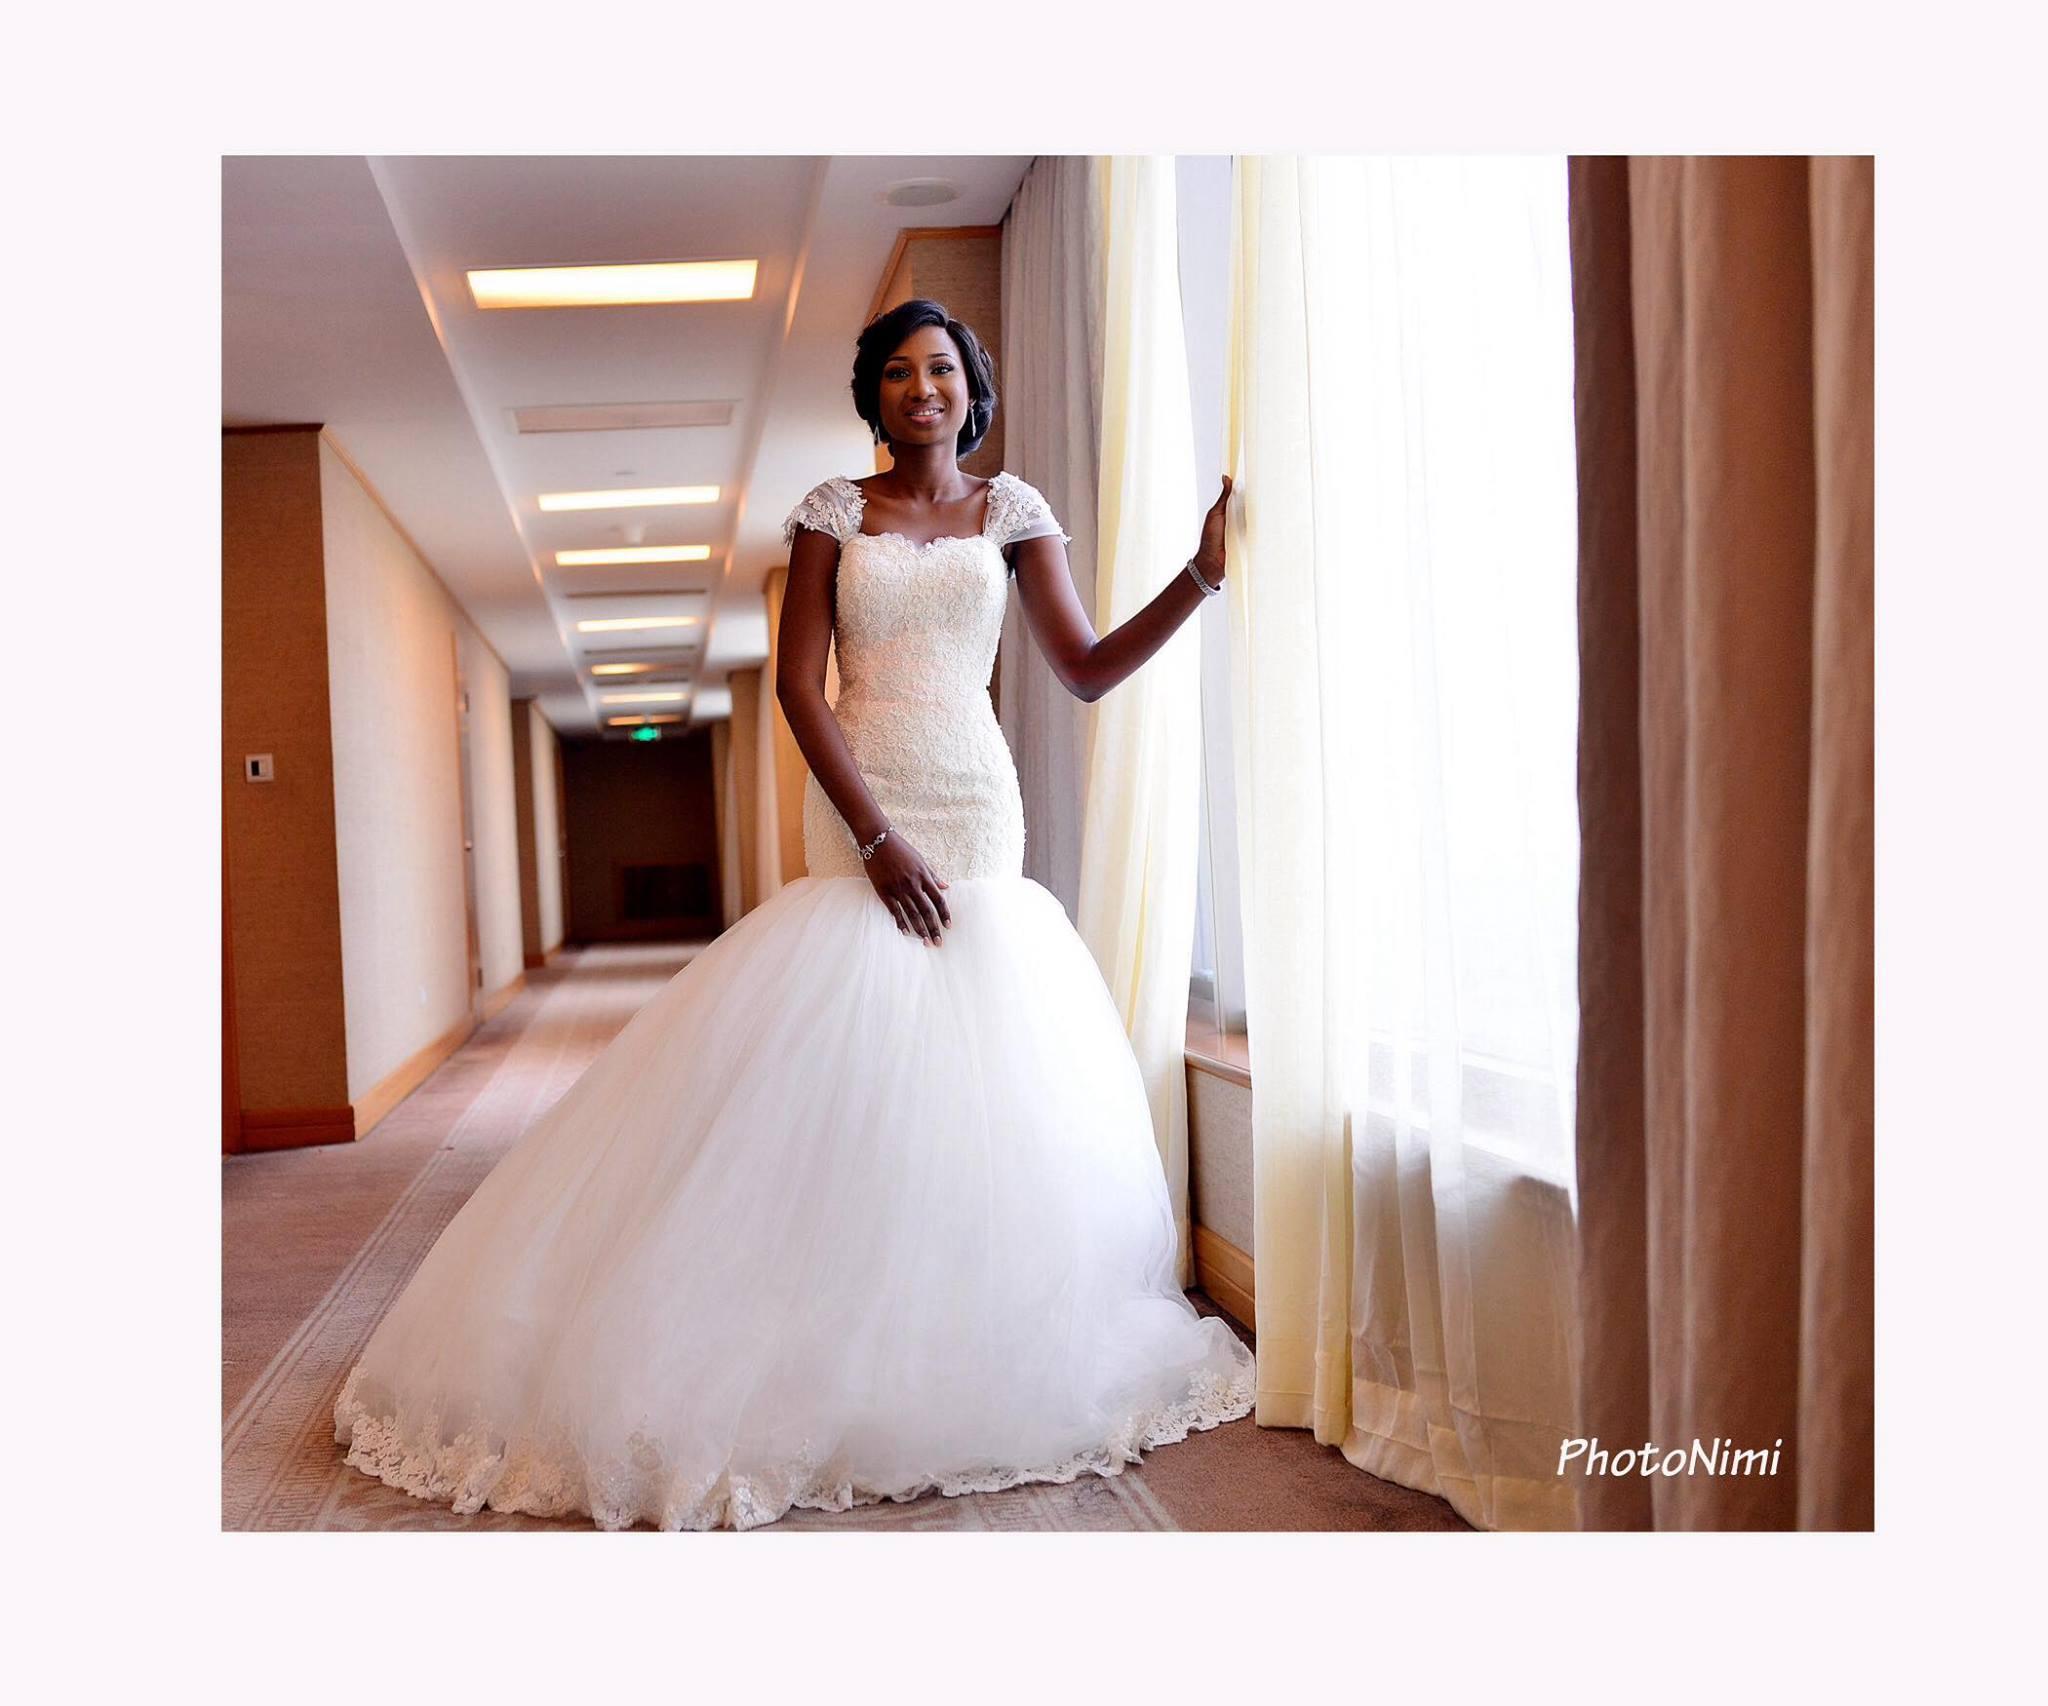 Jemi... beautiful bride